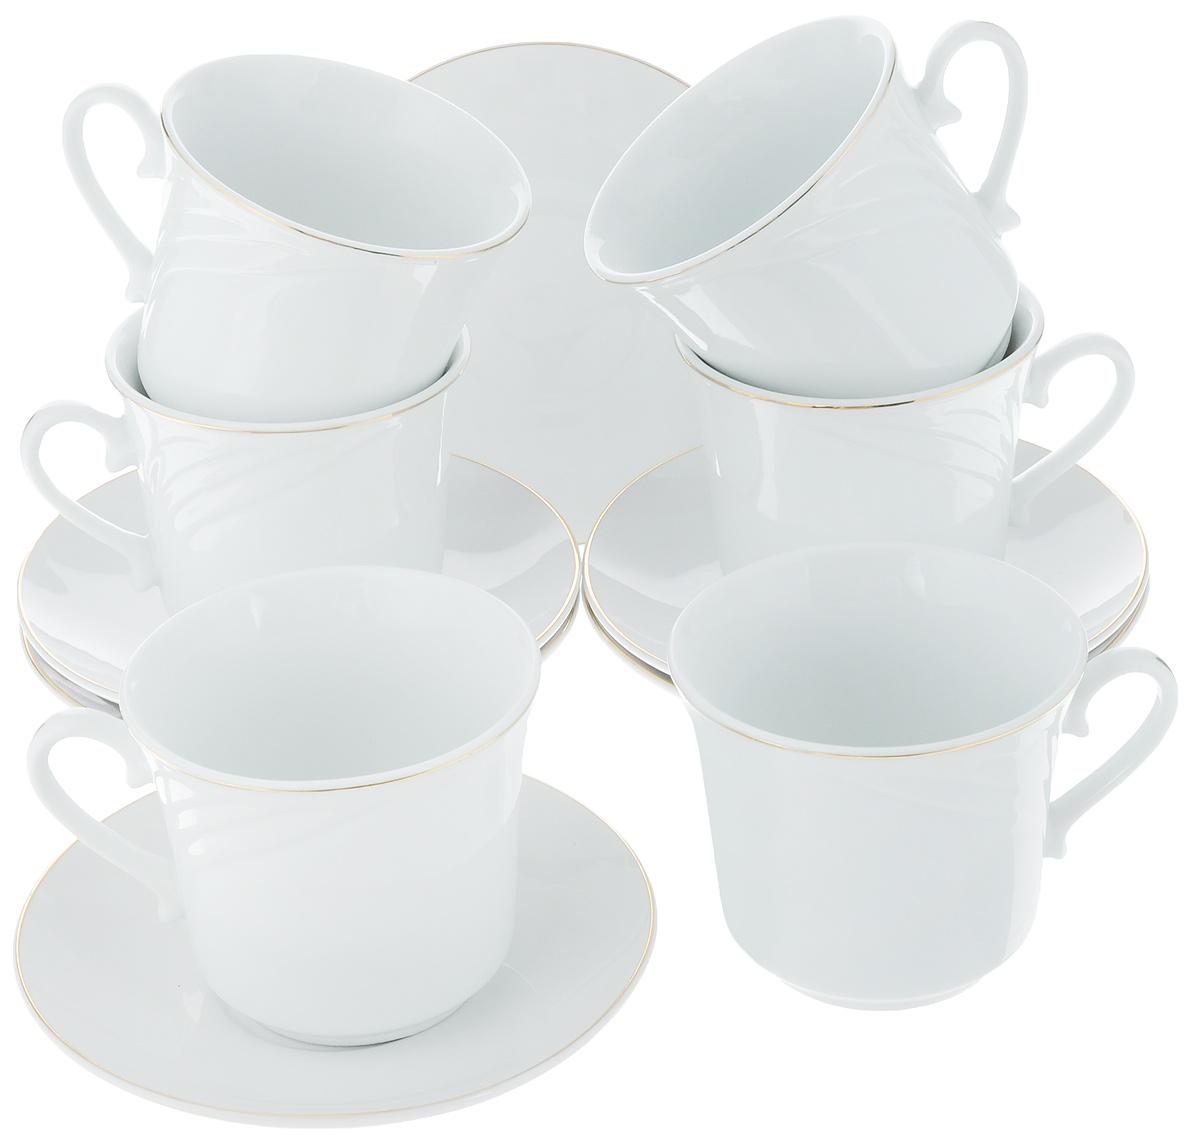 Набор чайный Loraine, 12 предметов. 2561525615Чайный набор Loraine состоит из 6 чашек и 6 блюдец, выполненных из высококачественного фарфора. Такой набор дополнит сервировку стола к чаепитию. Благодаря изысканному дизайну и качеству исполнения он станет замечательным подарком для ваших друзей и близких. Набор упакован в подарочную коробку, задрапированную белой атласной тканью. Объем чашки: 220 мл. Диаметр чашки по верхнему краю: 8,5 см. Высота чашки: 7,5 см. Диаметр блюдца: 13,5 см. Высота блюдца: 2 см.